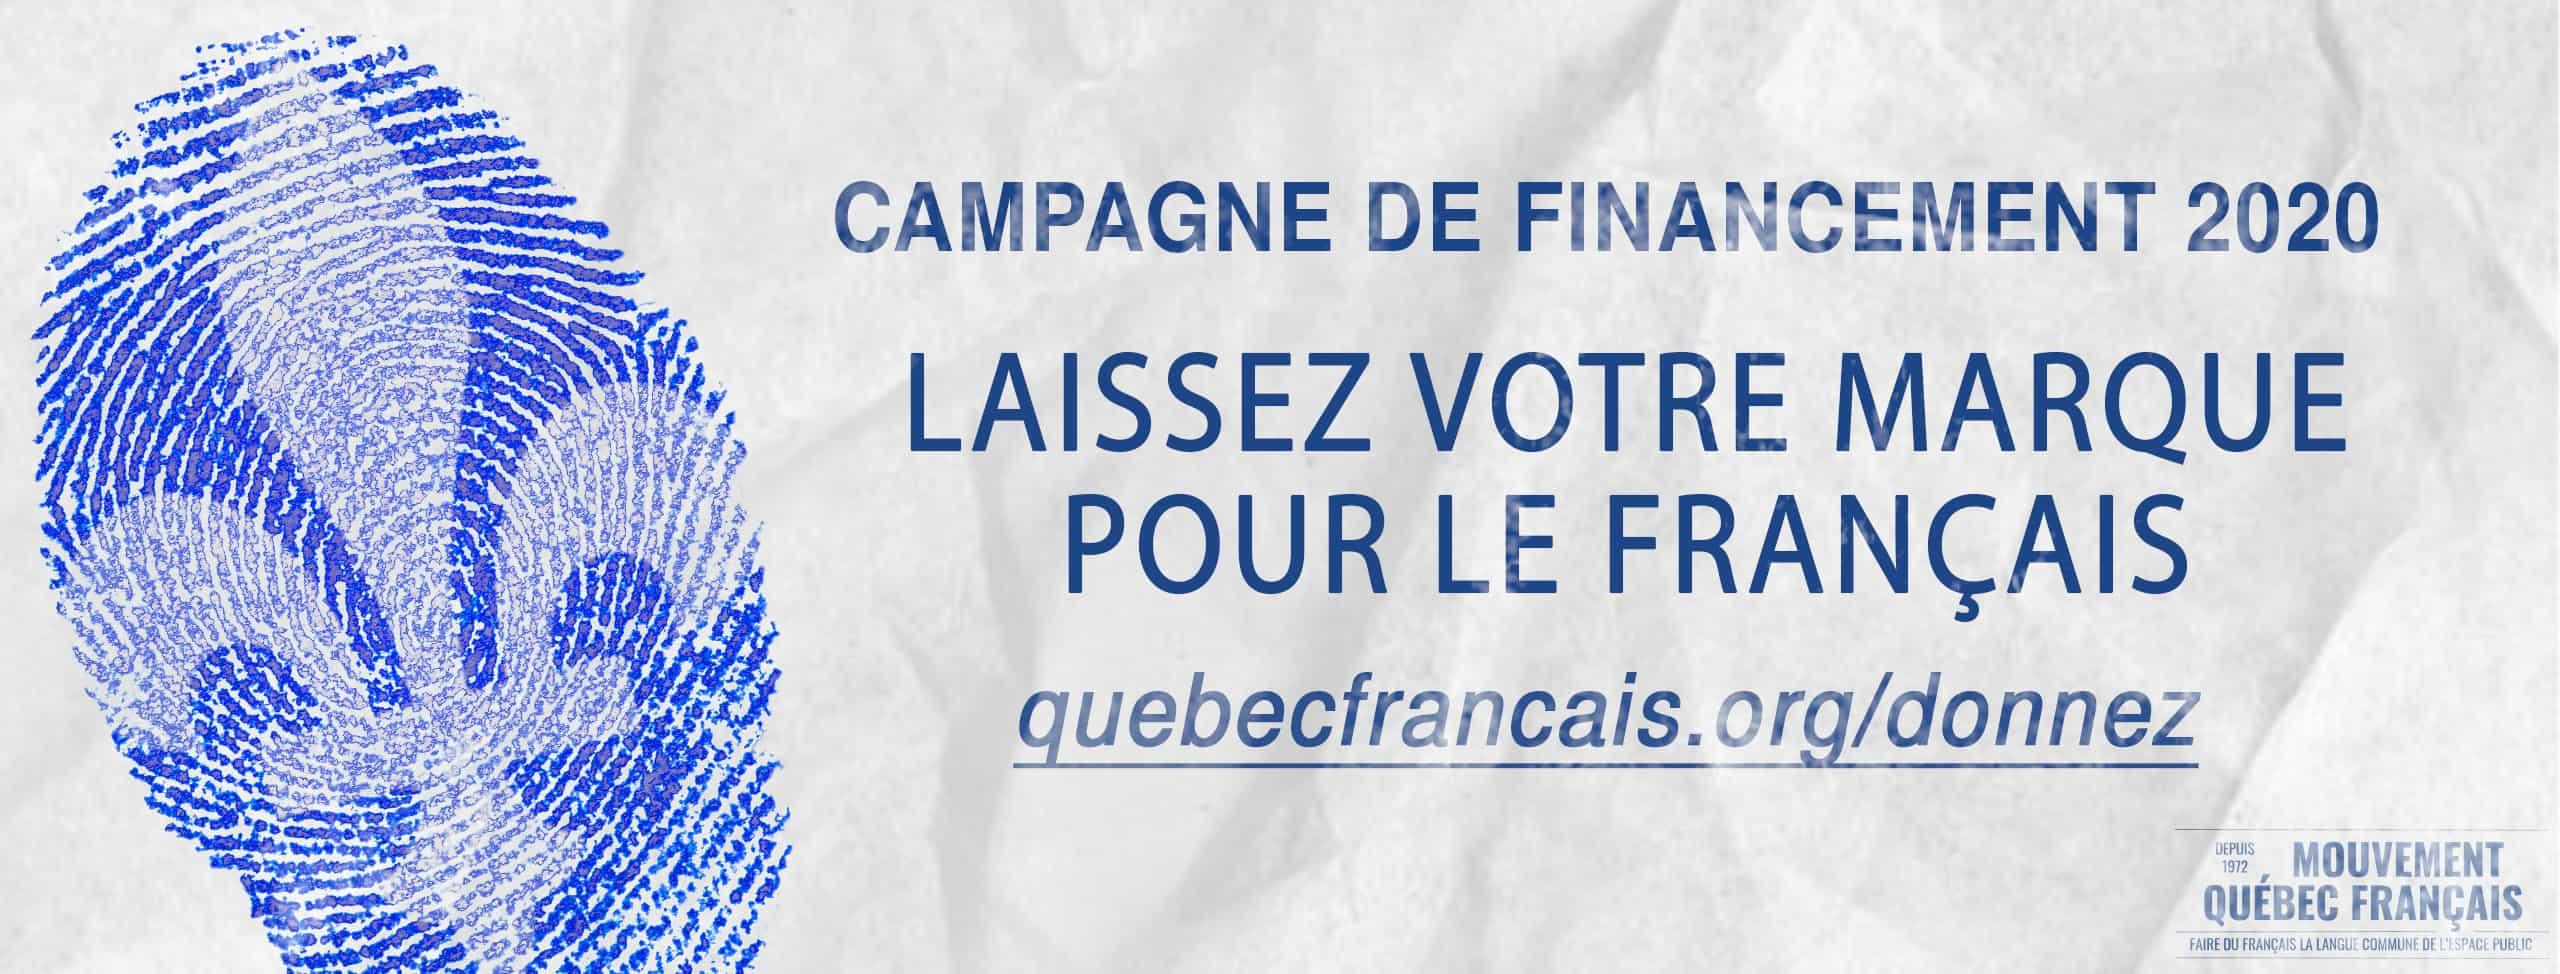 Bouton campagne de financement site web 2020